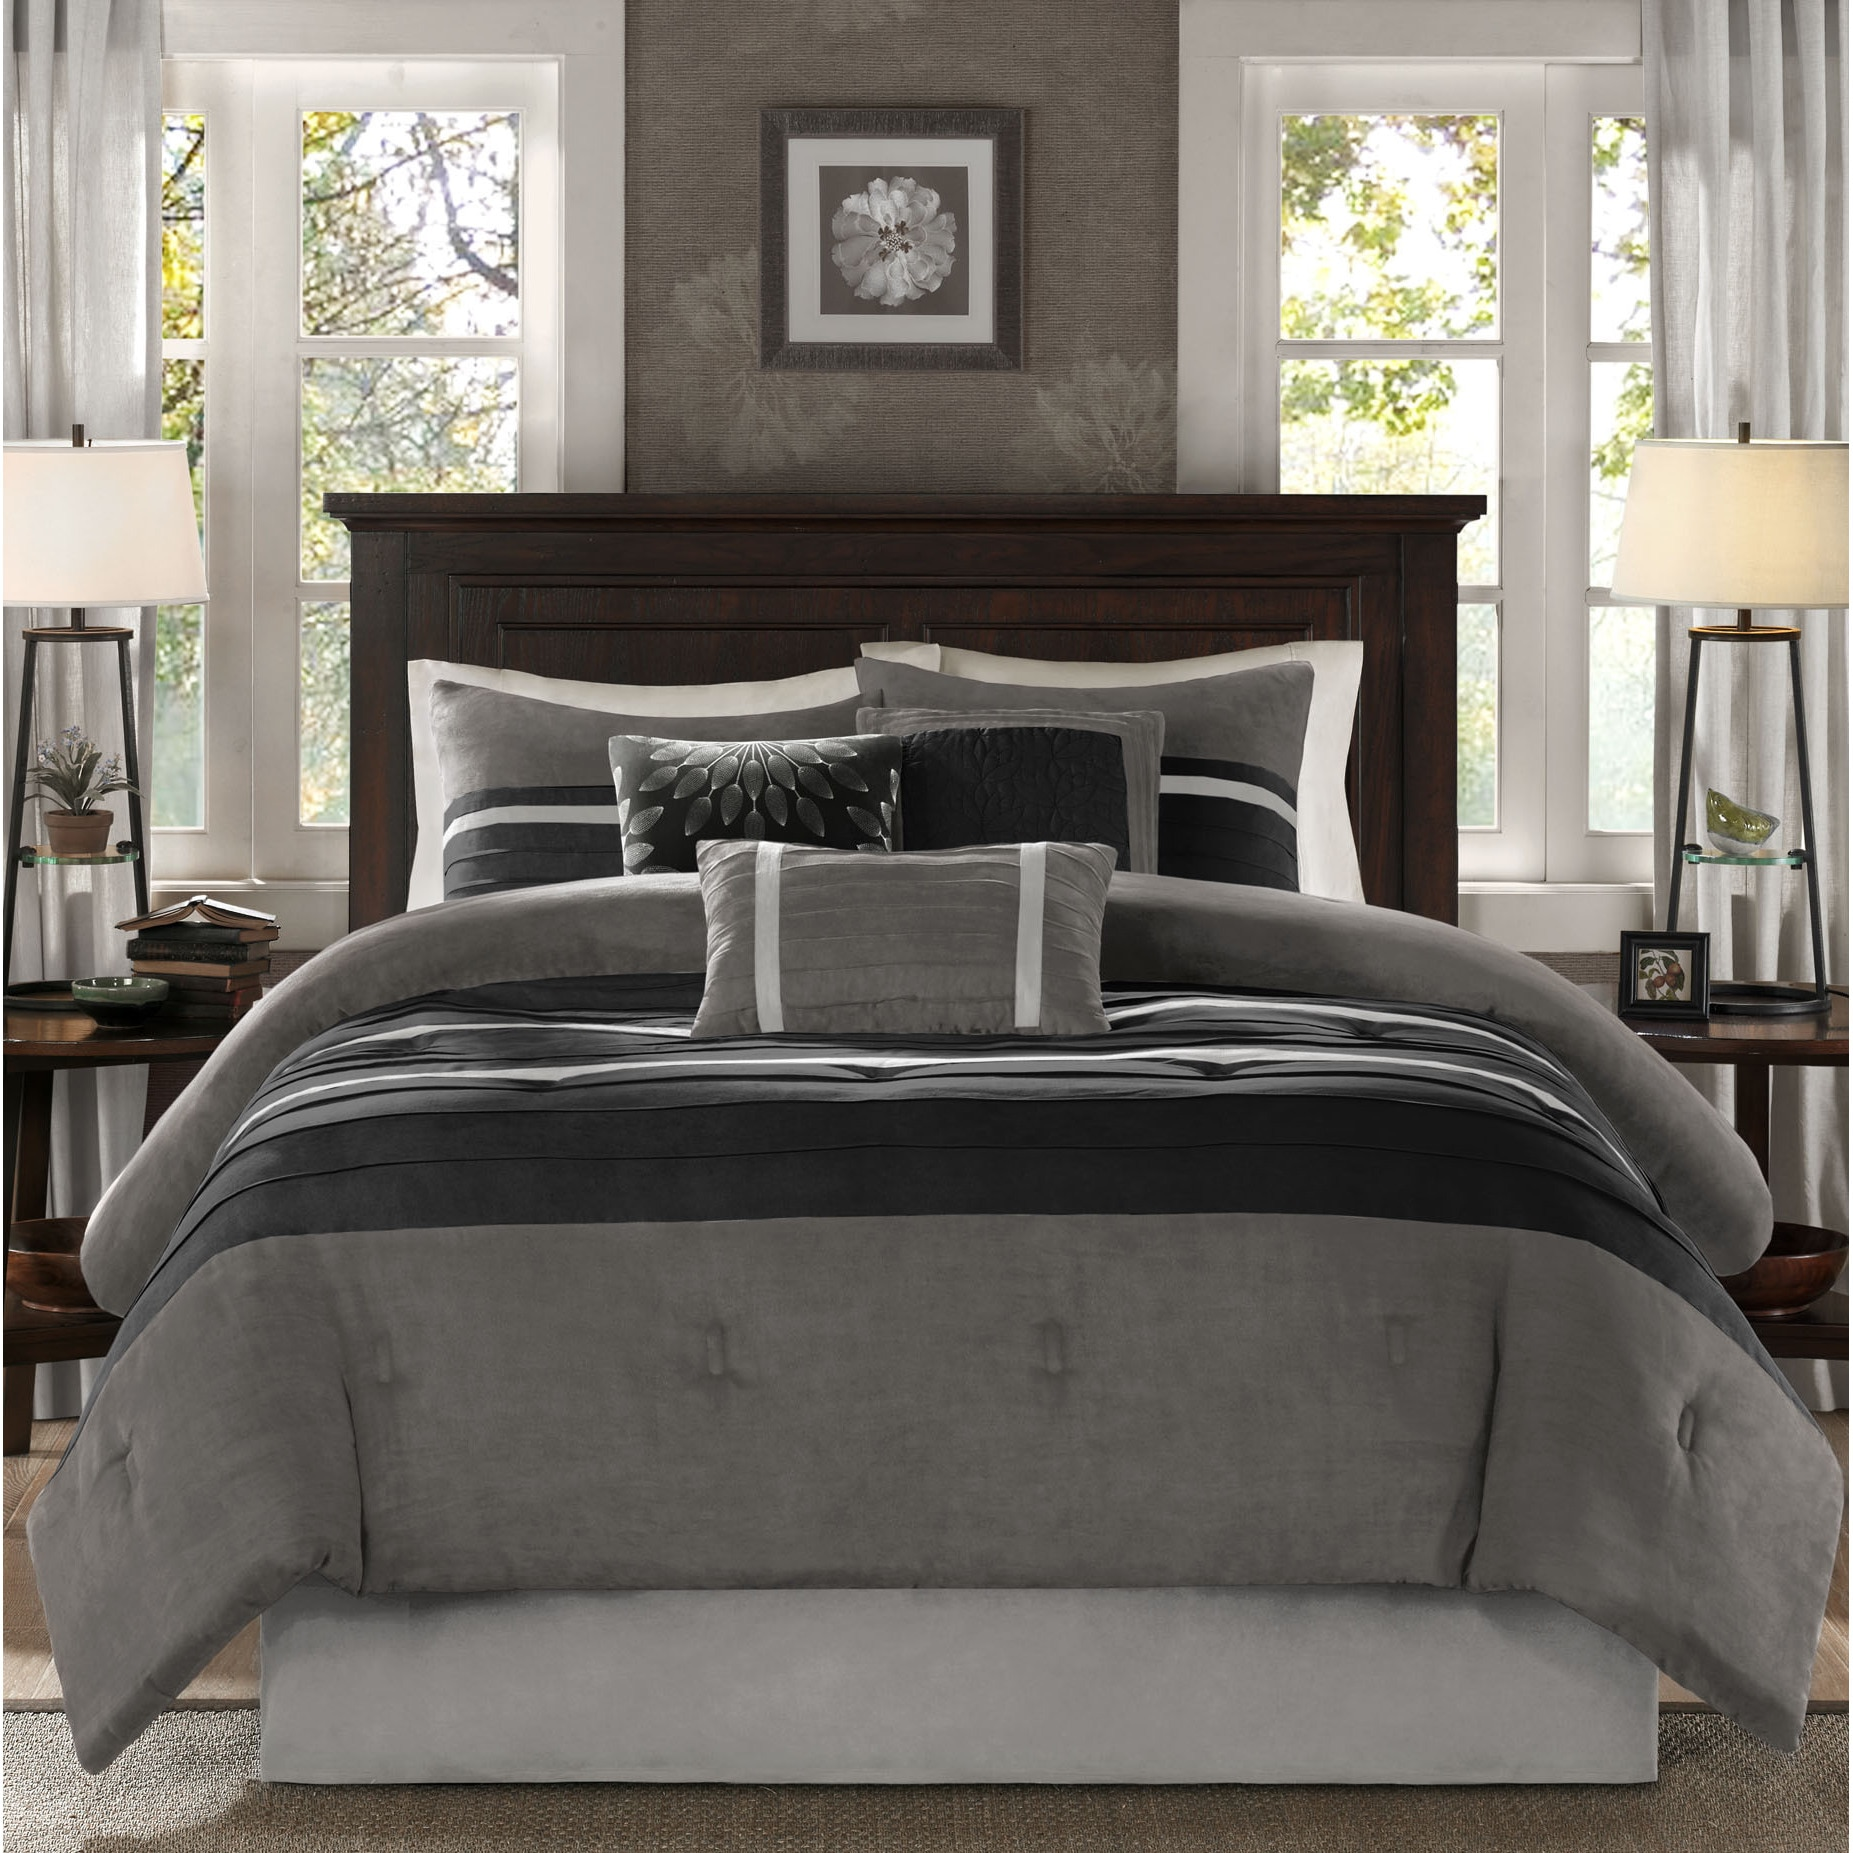 comforter sets find great bedding